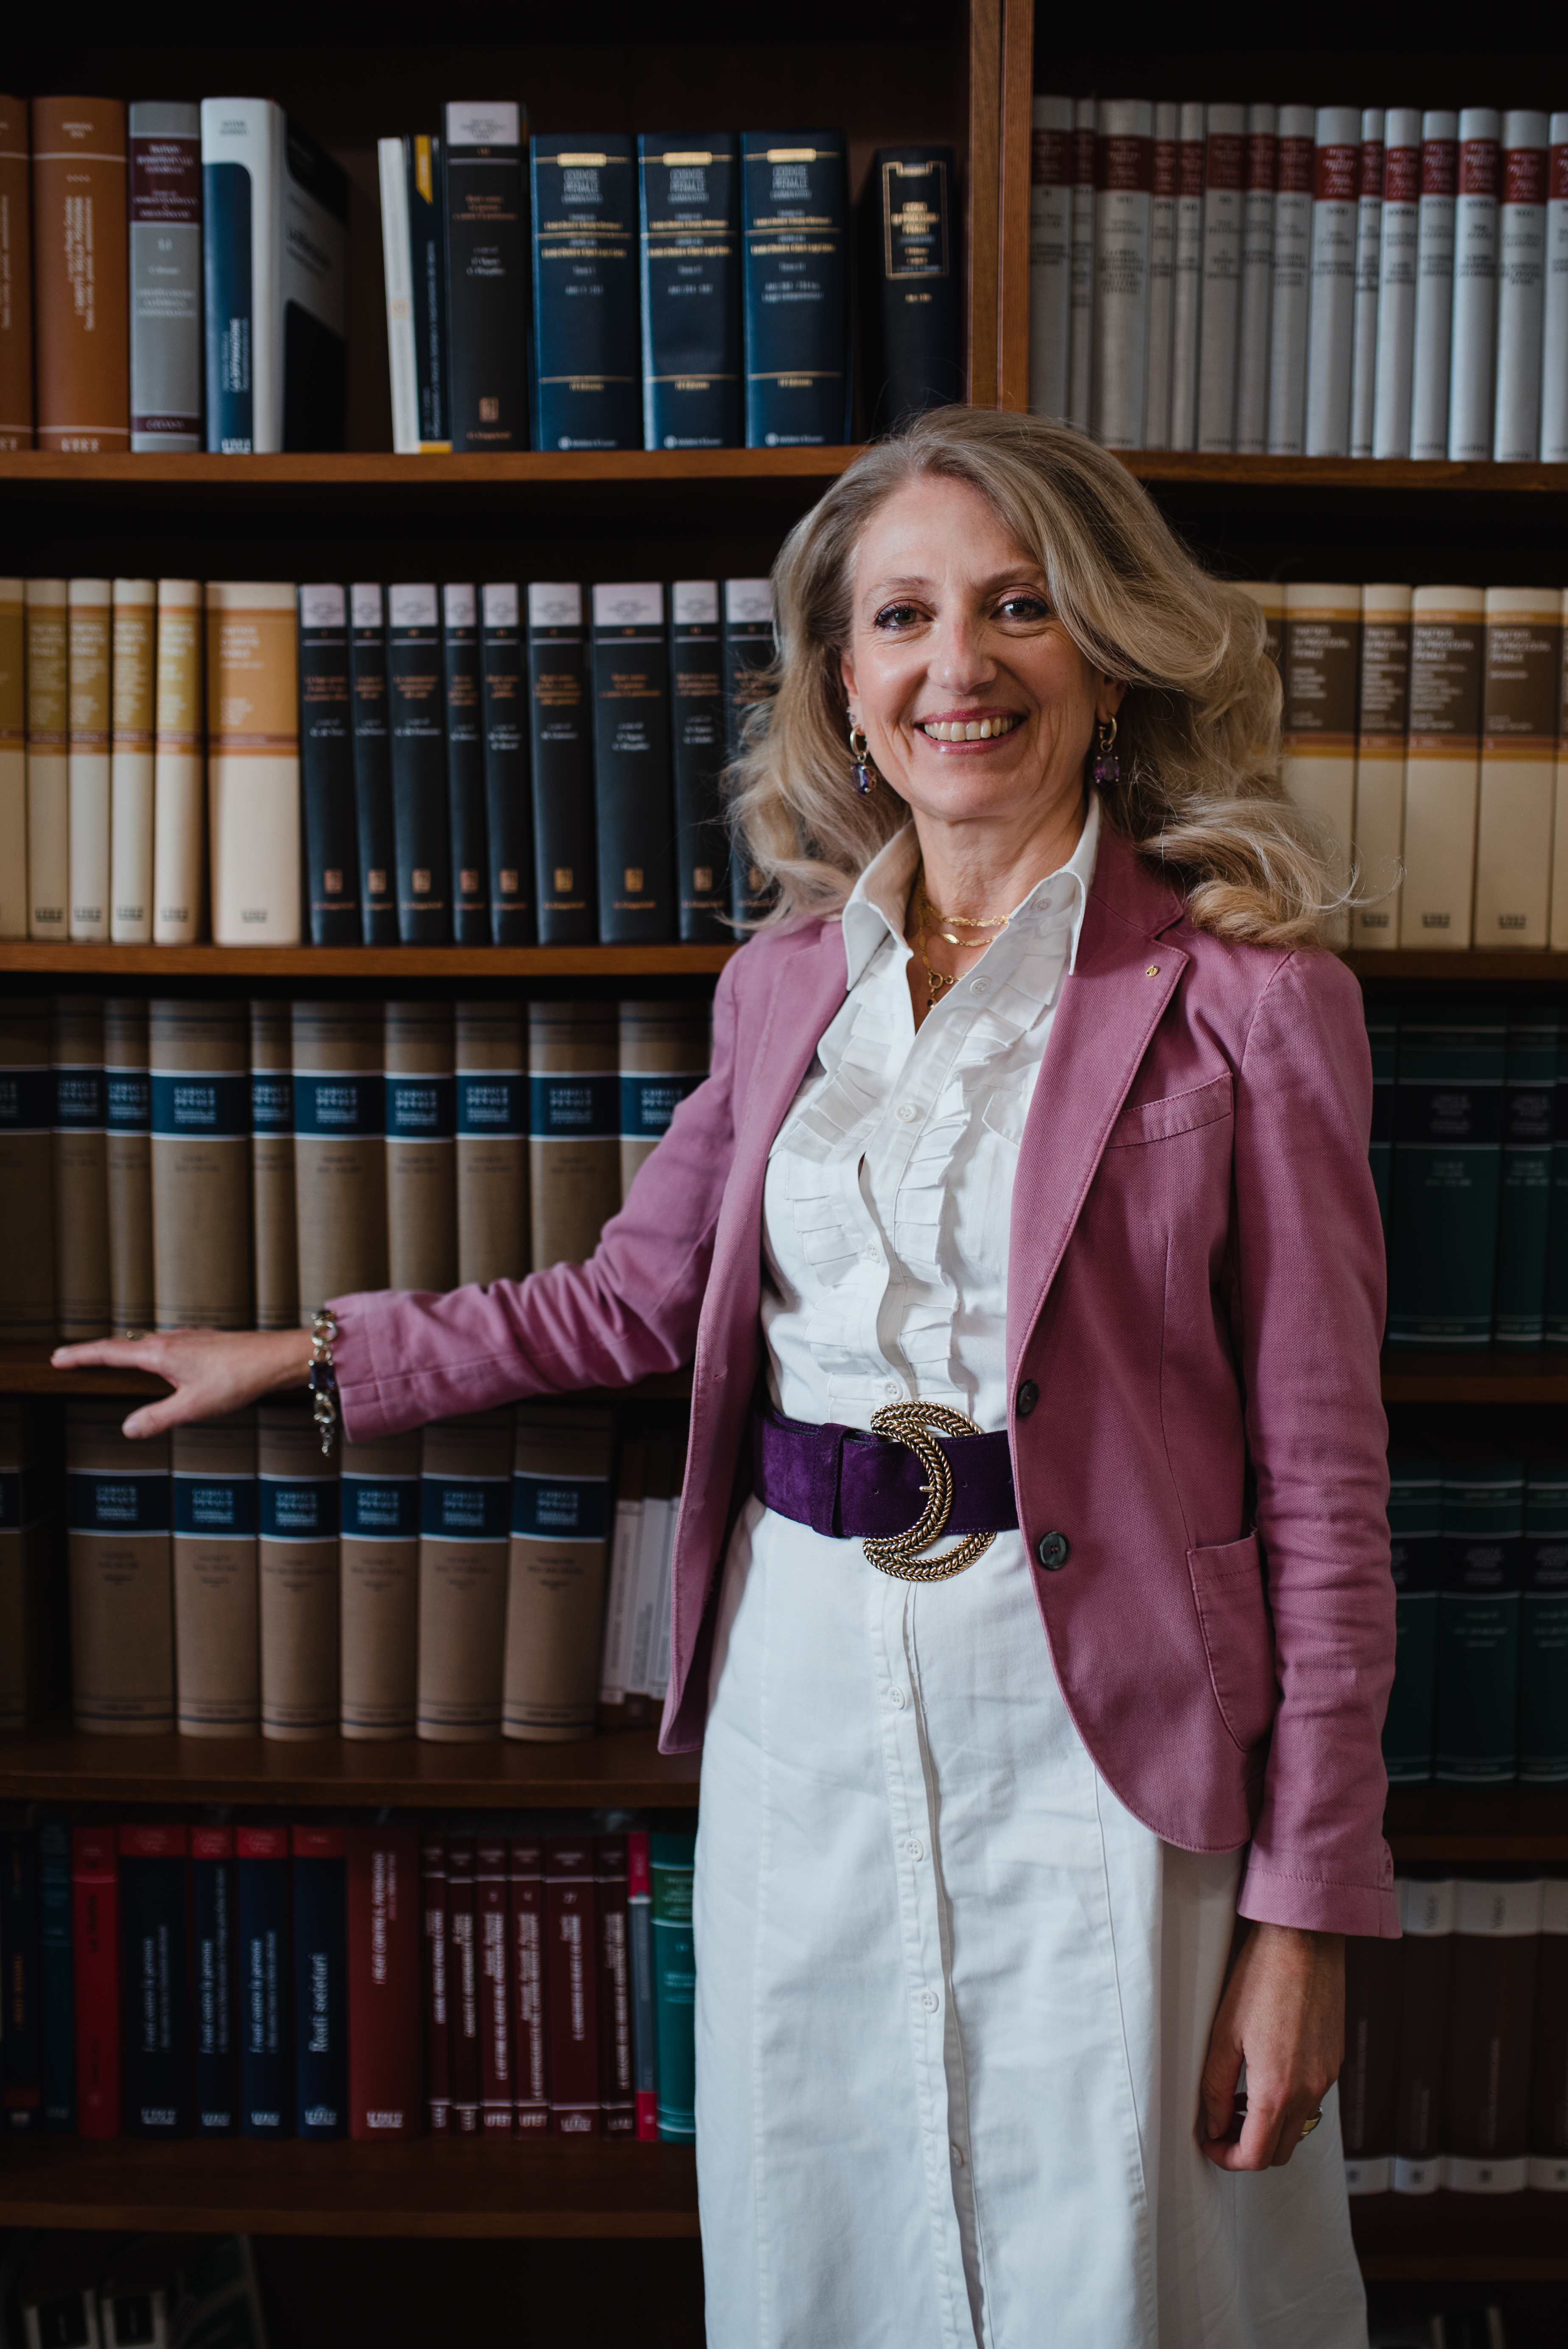 Avv. Rosanna De Rosa